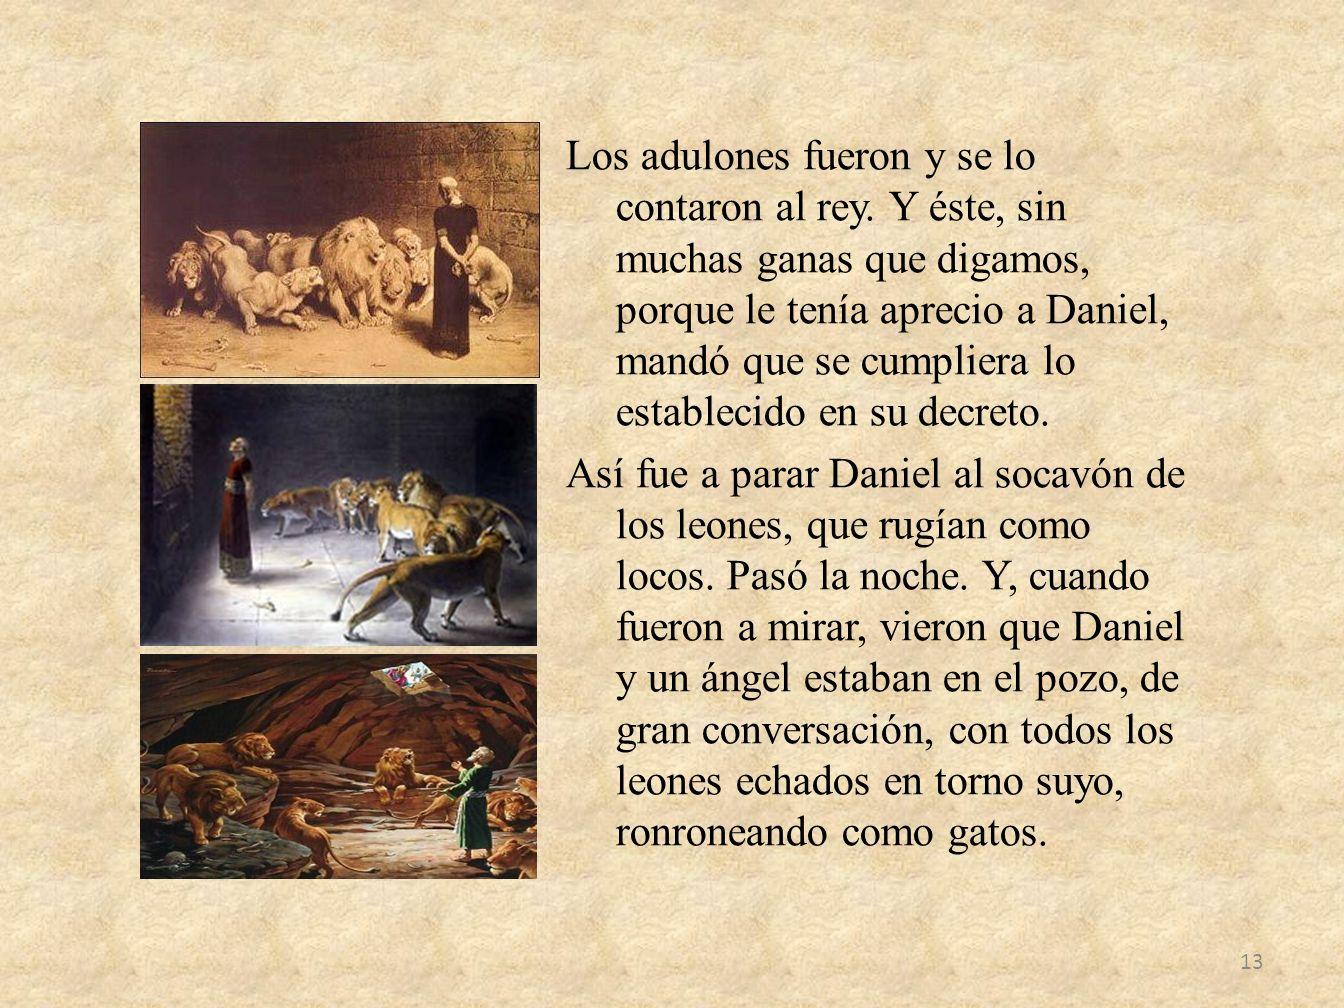 Los adulones fueron y se lo contaron al rey